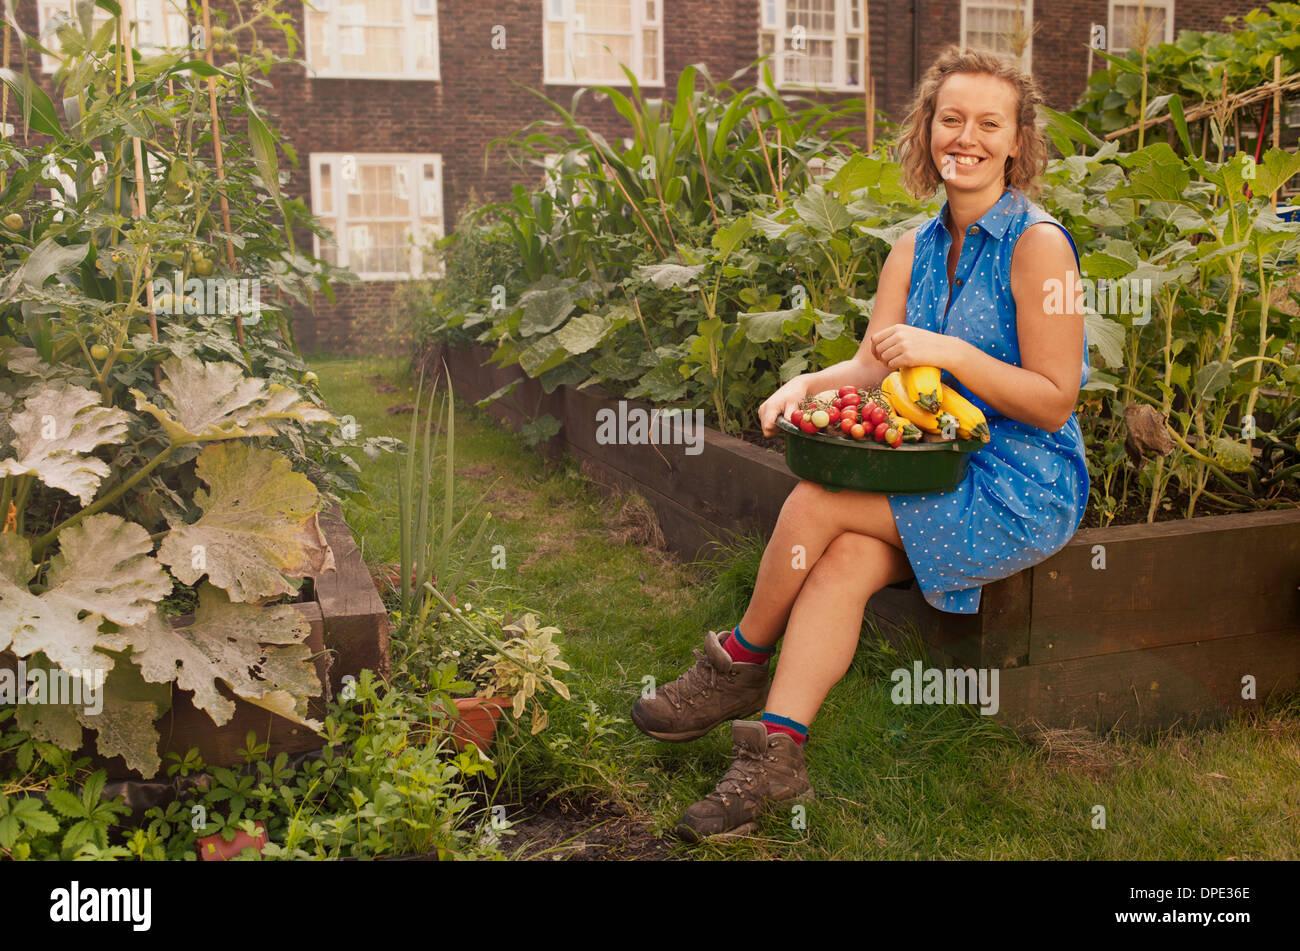 Jeune femme avec les légumes récoltés sur l'allotissement immobilier conseil Photo Stock